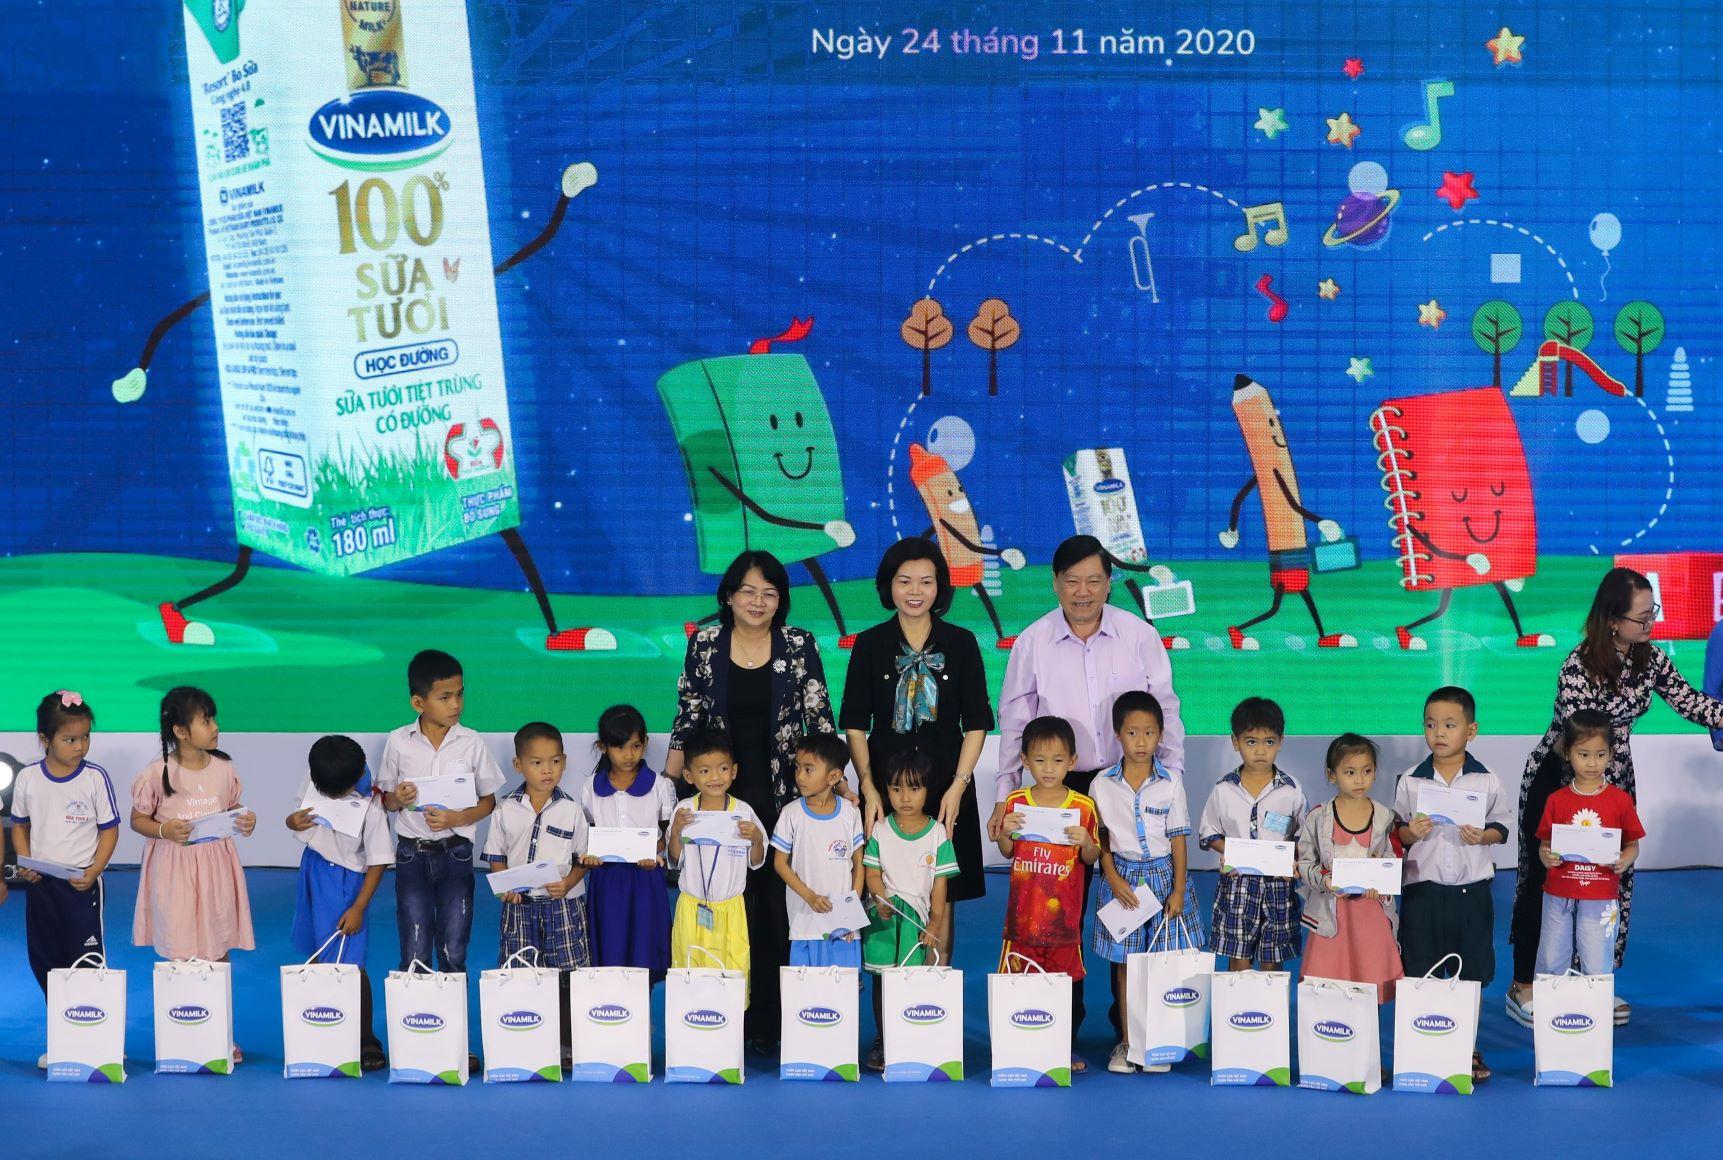 Vinamilk tổ chức Ngày hội Sữa học đường, mang niềm vui uống sữa tại trường đến với trẻ em Vĩnh Long 5